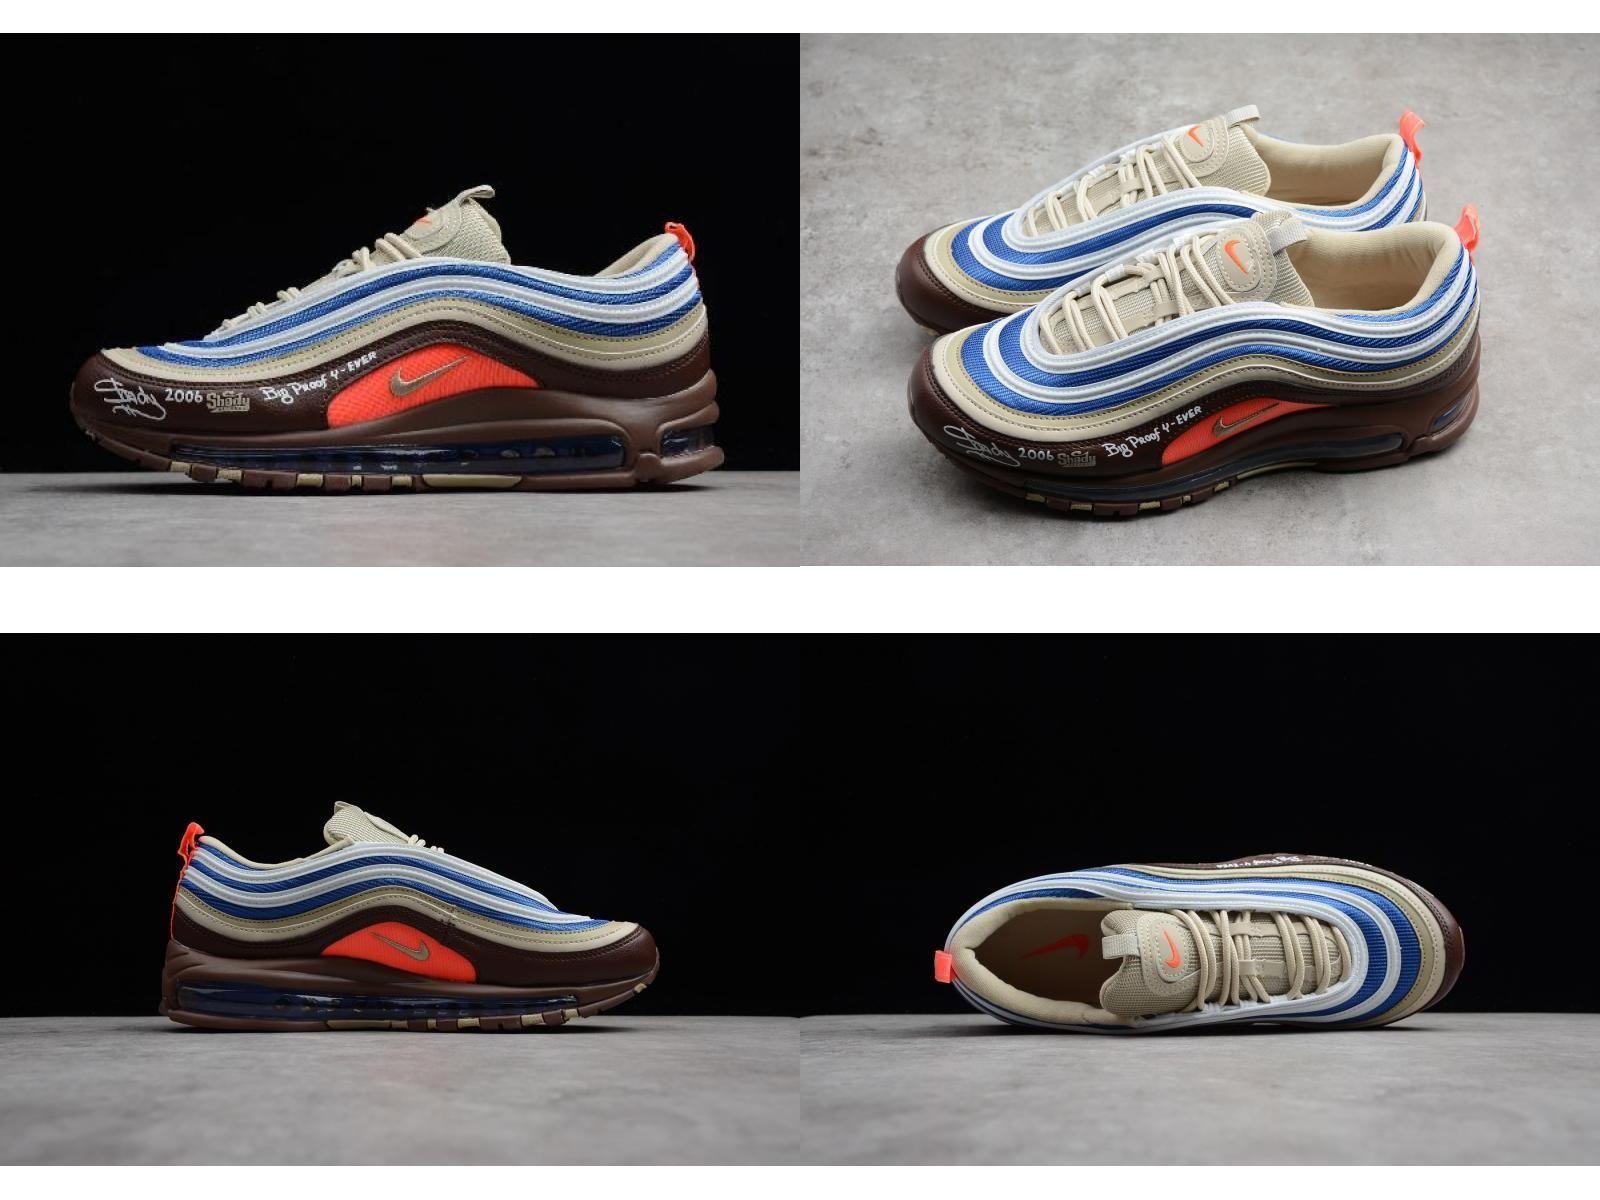 Eminem x Nike Air Max 97 OG QS